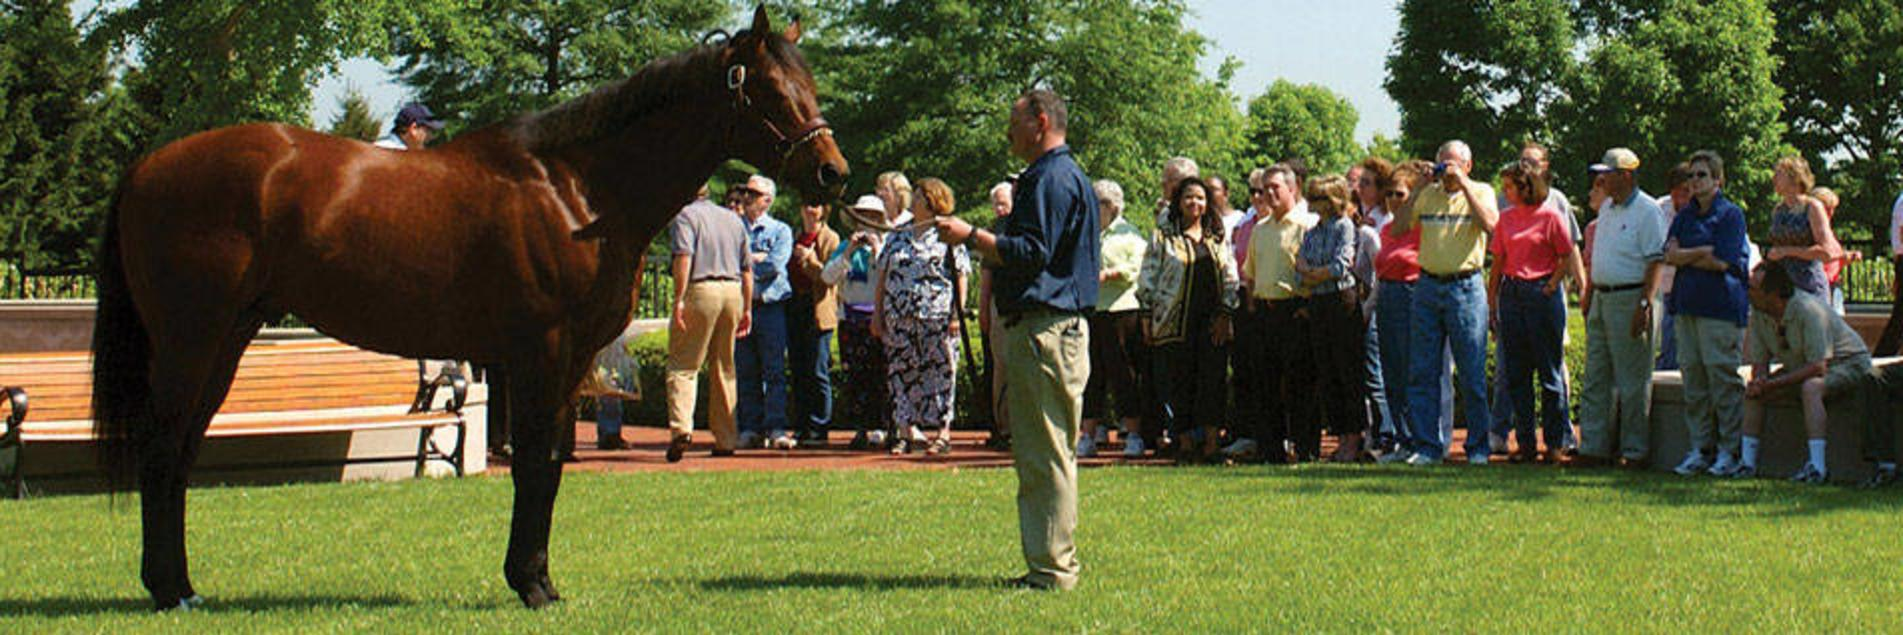 Horse Farm Tours